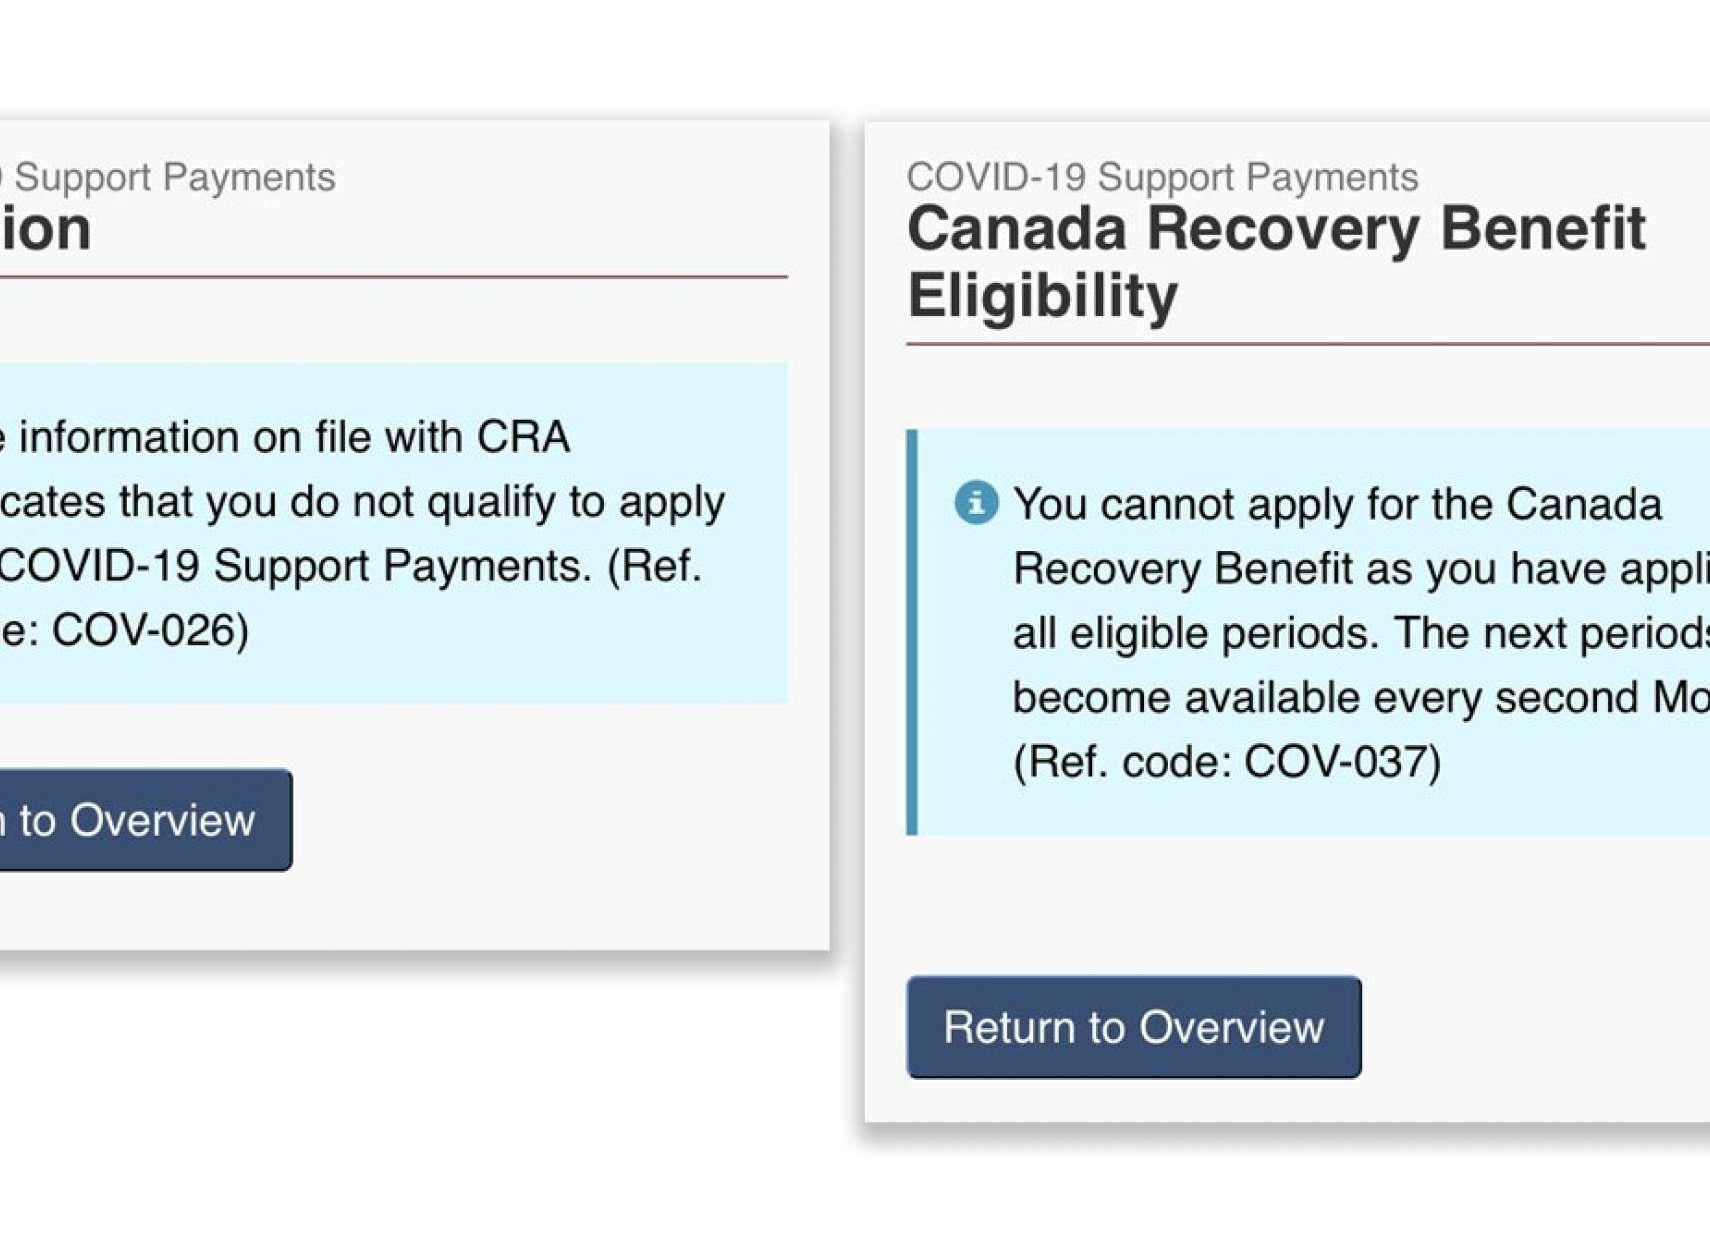 اخبار-کانادا-اولین-روز-مسیر-جدید-کمک-ماهانه-۲۰۰۰-دلار-کانادا-مختصرا-به-مشکل-خورد